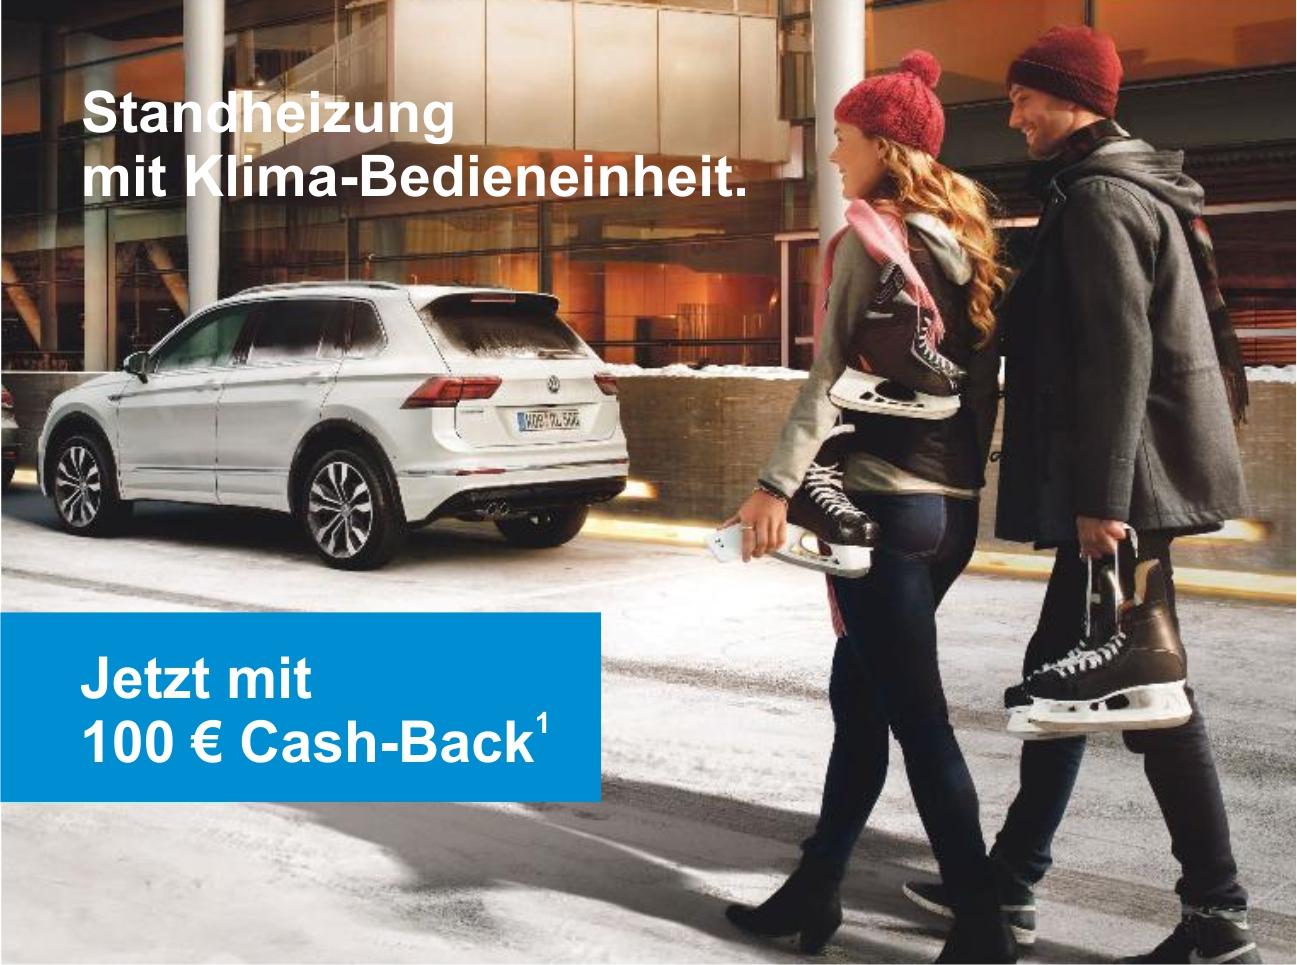 Image for Rein in die Komfortzone. <br>Mit der Volkswagen Zubehör Standheizung.